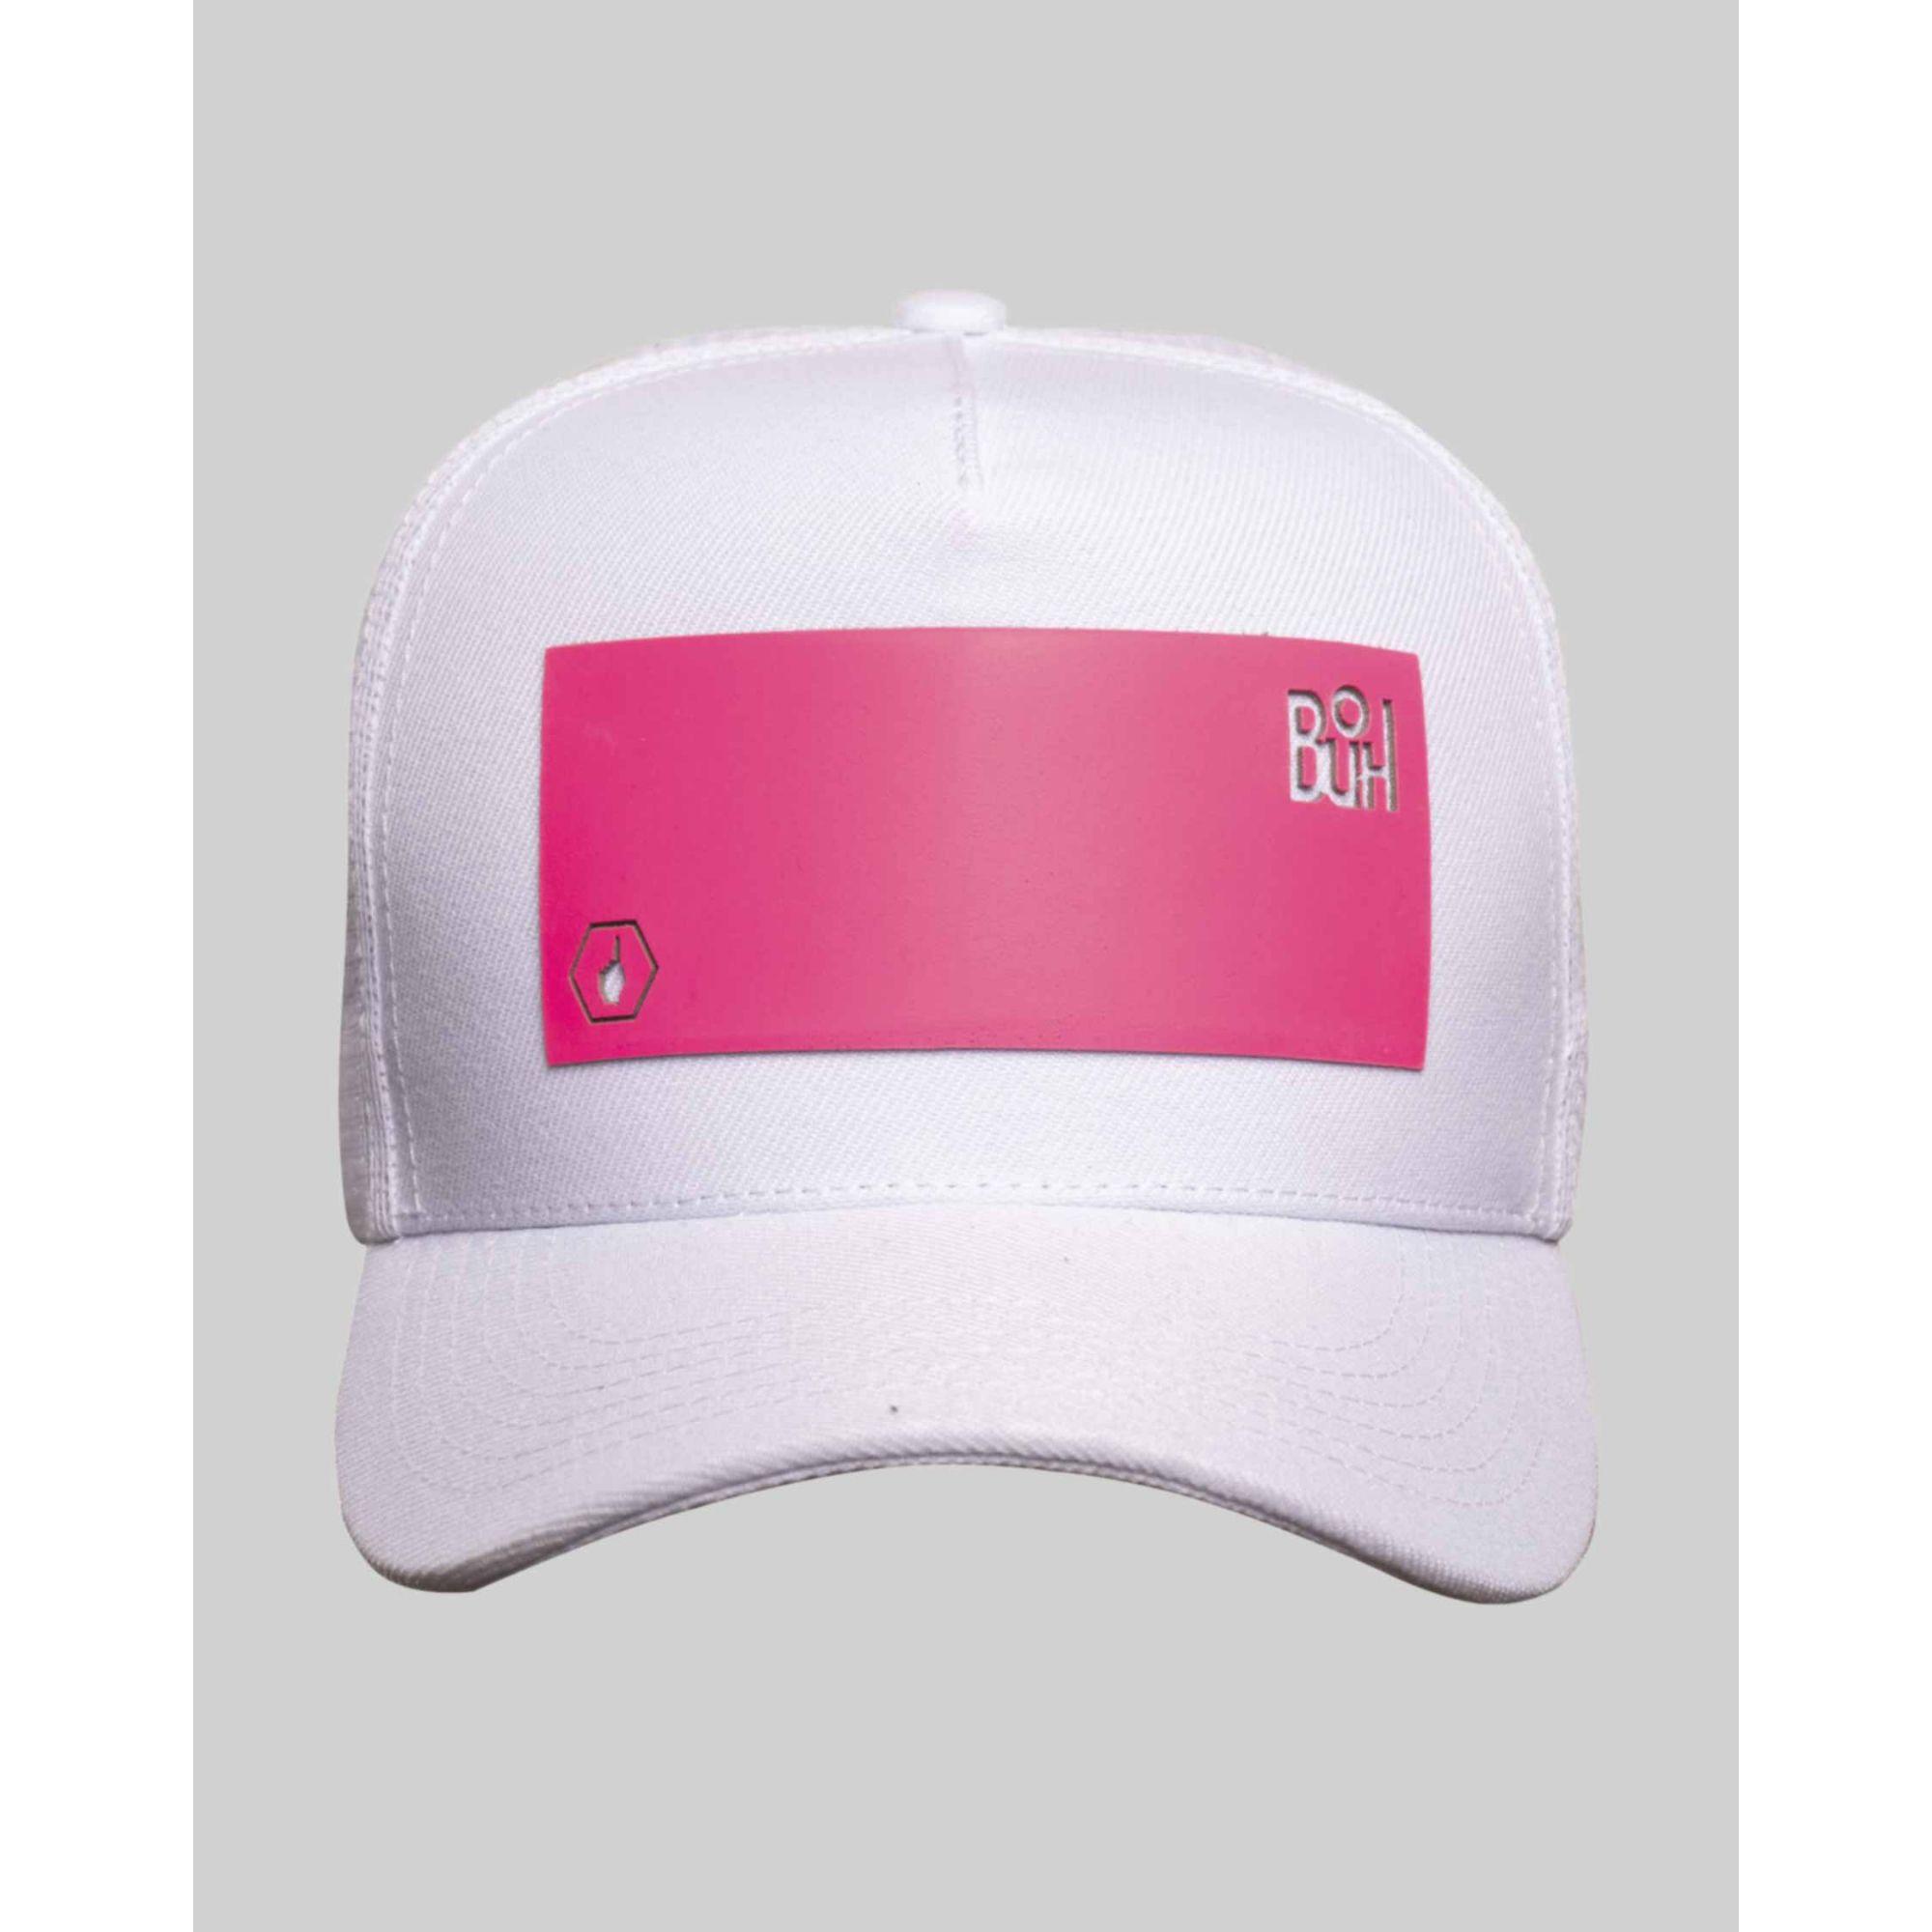 Boné Buh Fluor Square White & Pink